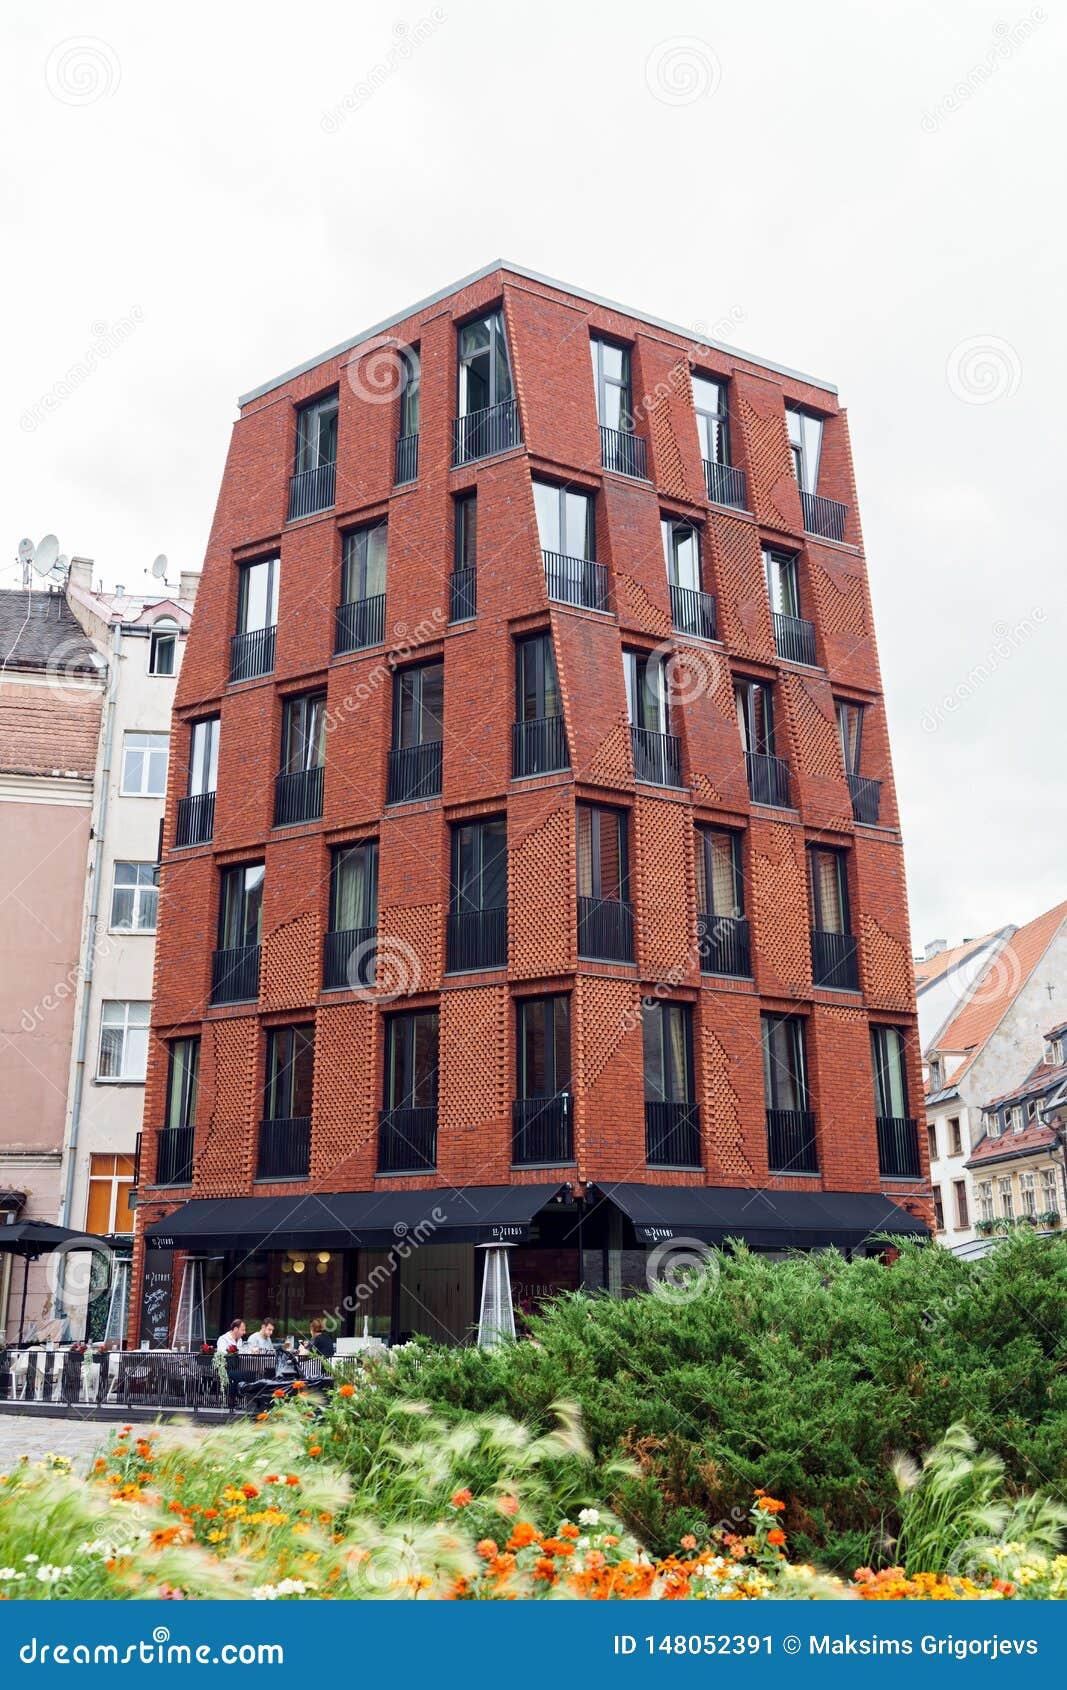 Σύγχρονο κτήριο στις παλαιές οδούς της Ρήγας, Λετονία, στις 25 Ιουλίου 2018